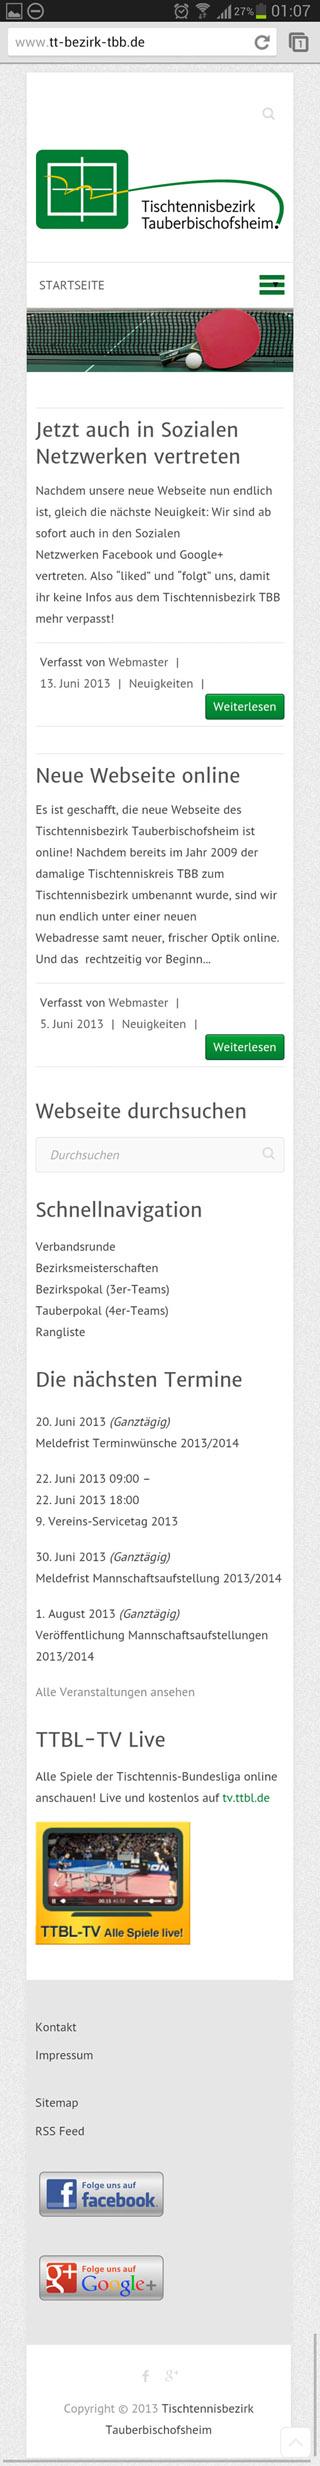 Bild: So sieht unsere neue Webseite auf einem Smartphone aus.